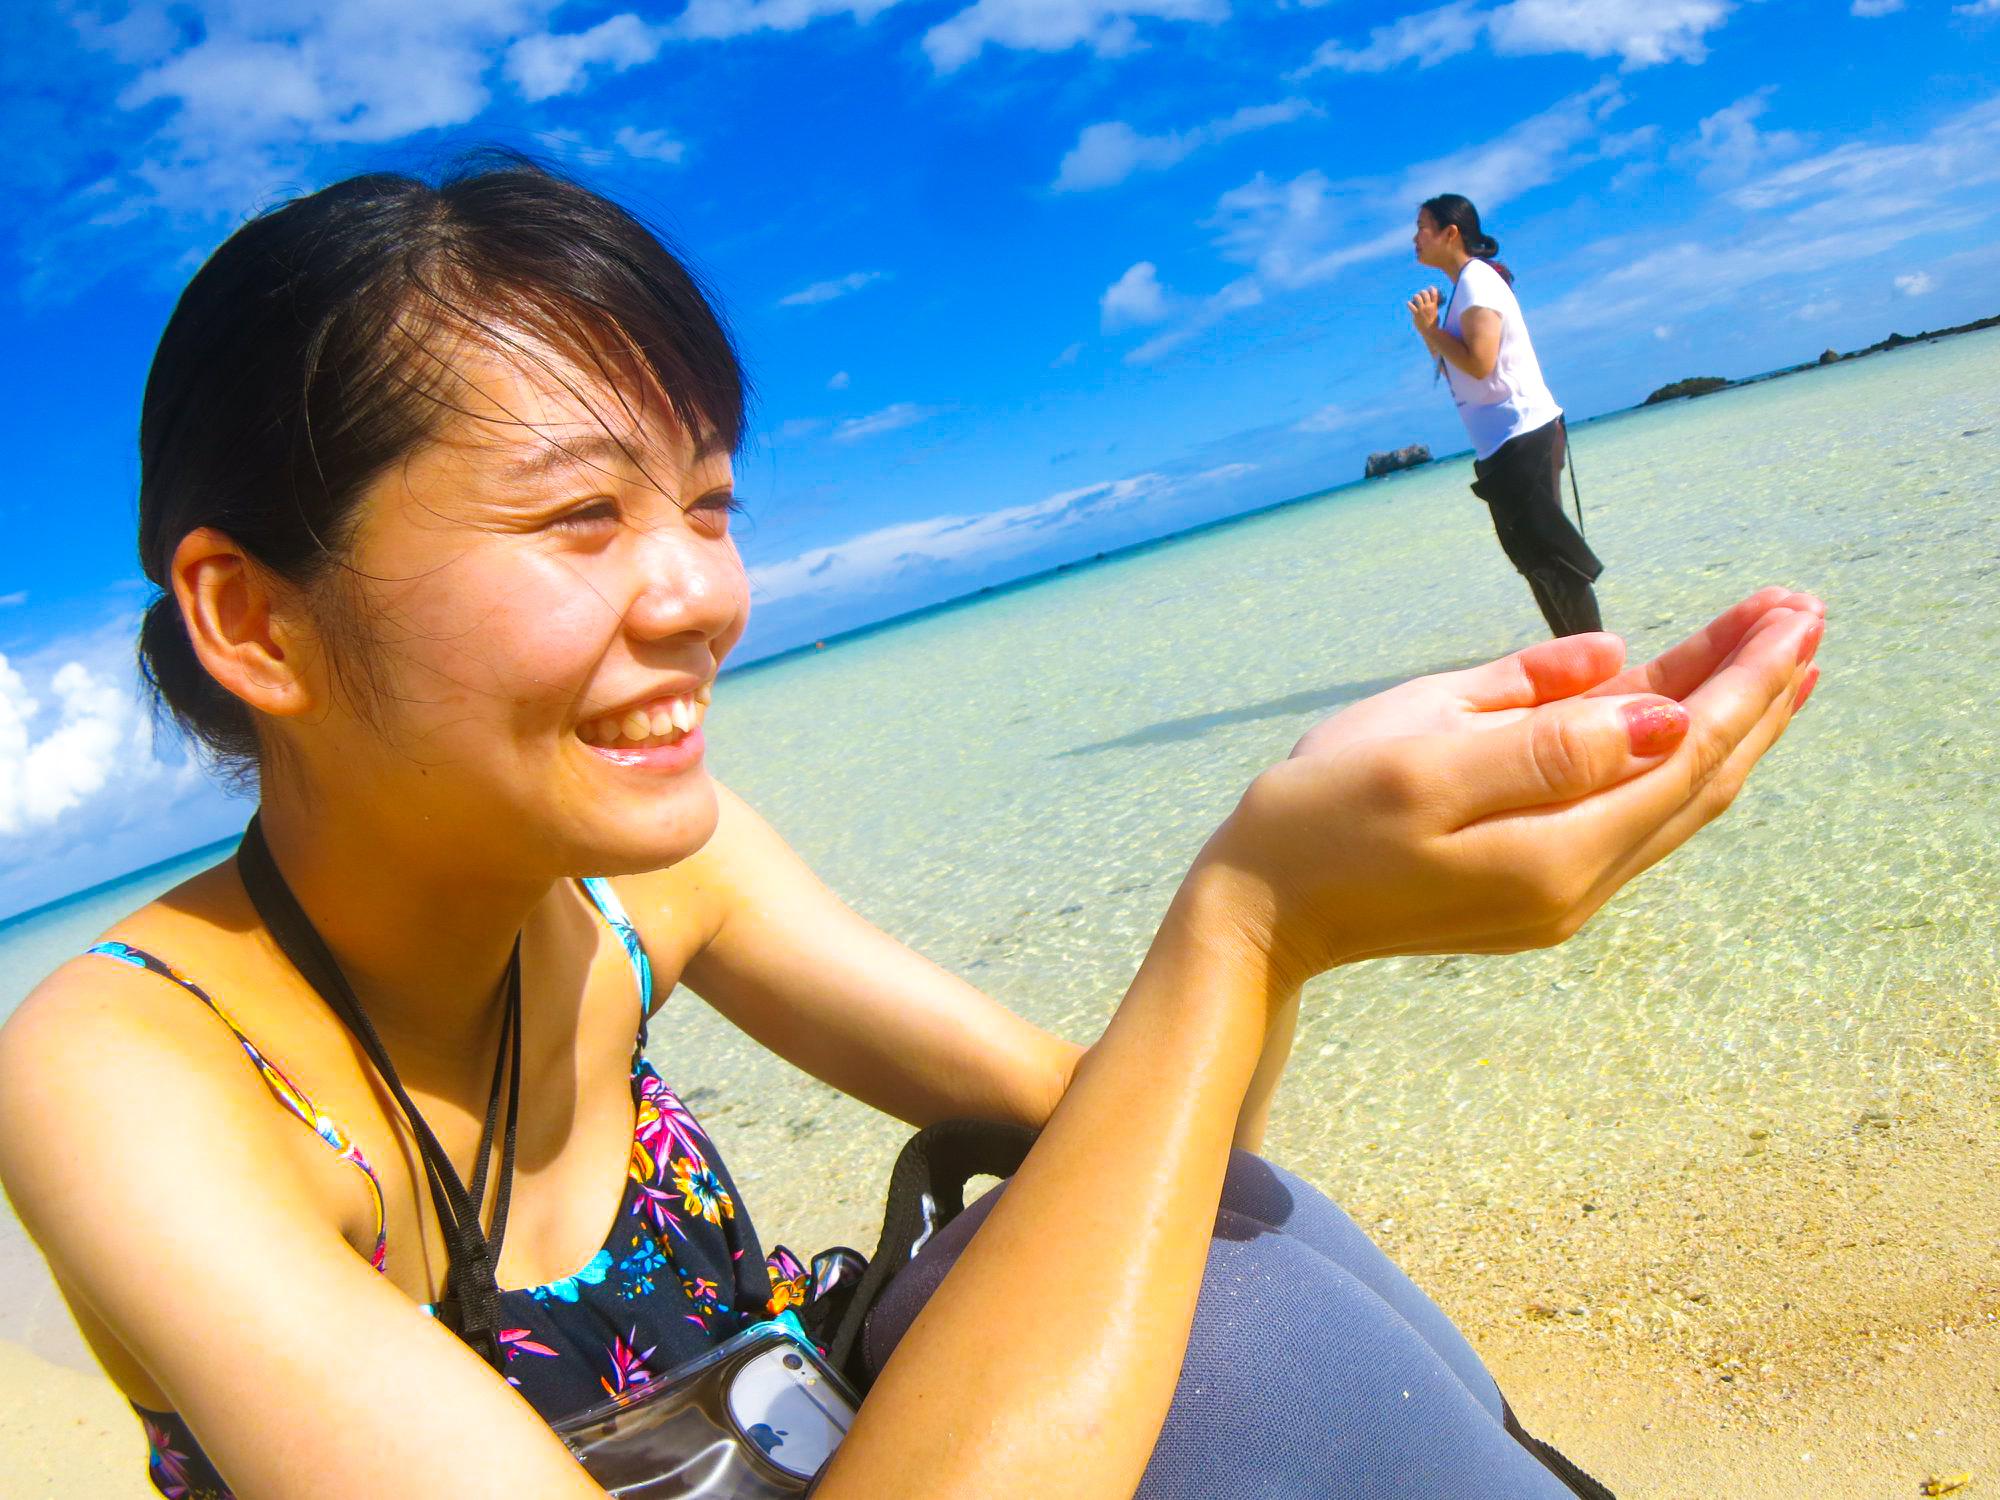 【地域共通クーポン対象】幻の島プレミアムシュノーケル&竹富島観光ツアー(No.365)